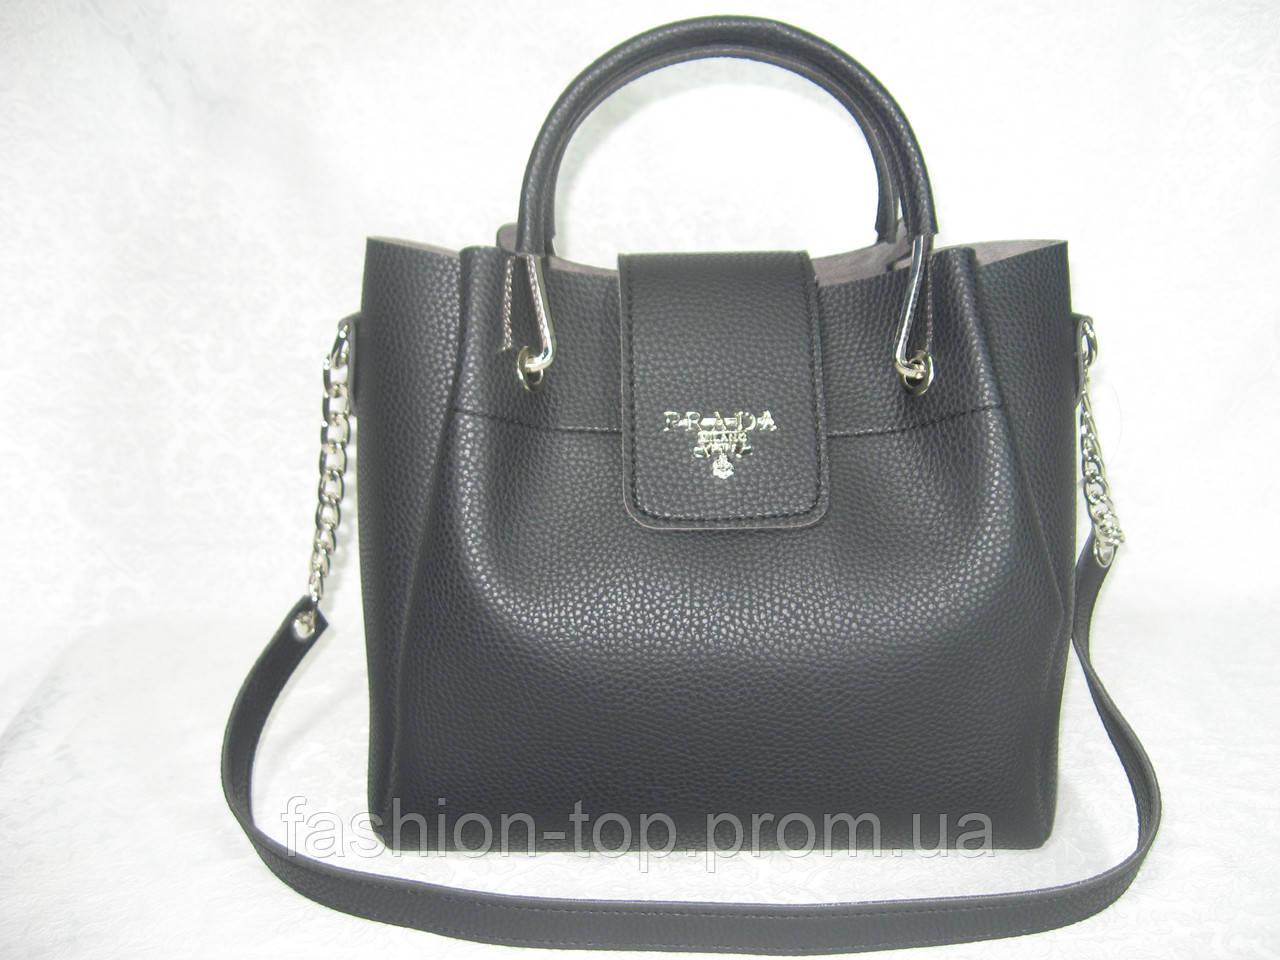 8bb9e5c68793 Женская сумка PRADA (реплика) - Интернет-магазин